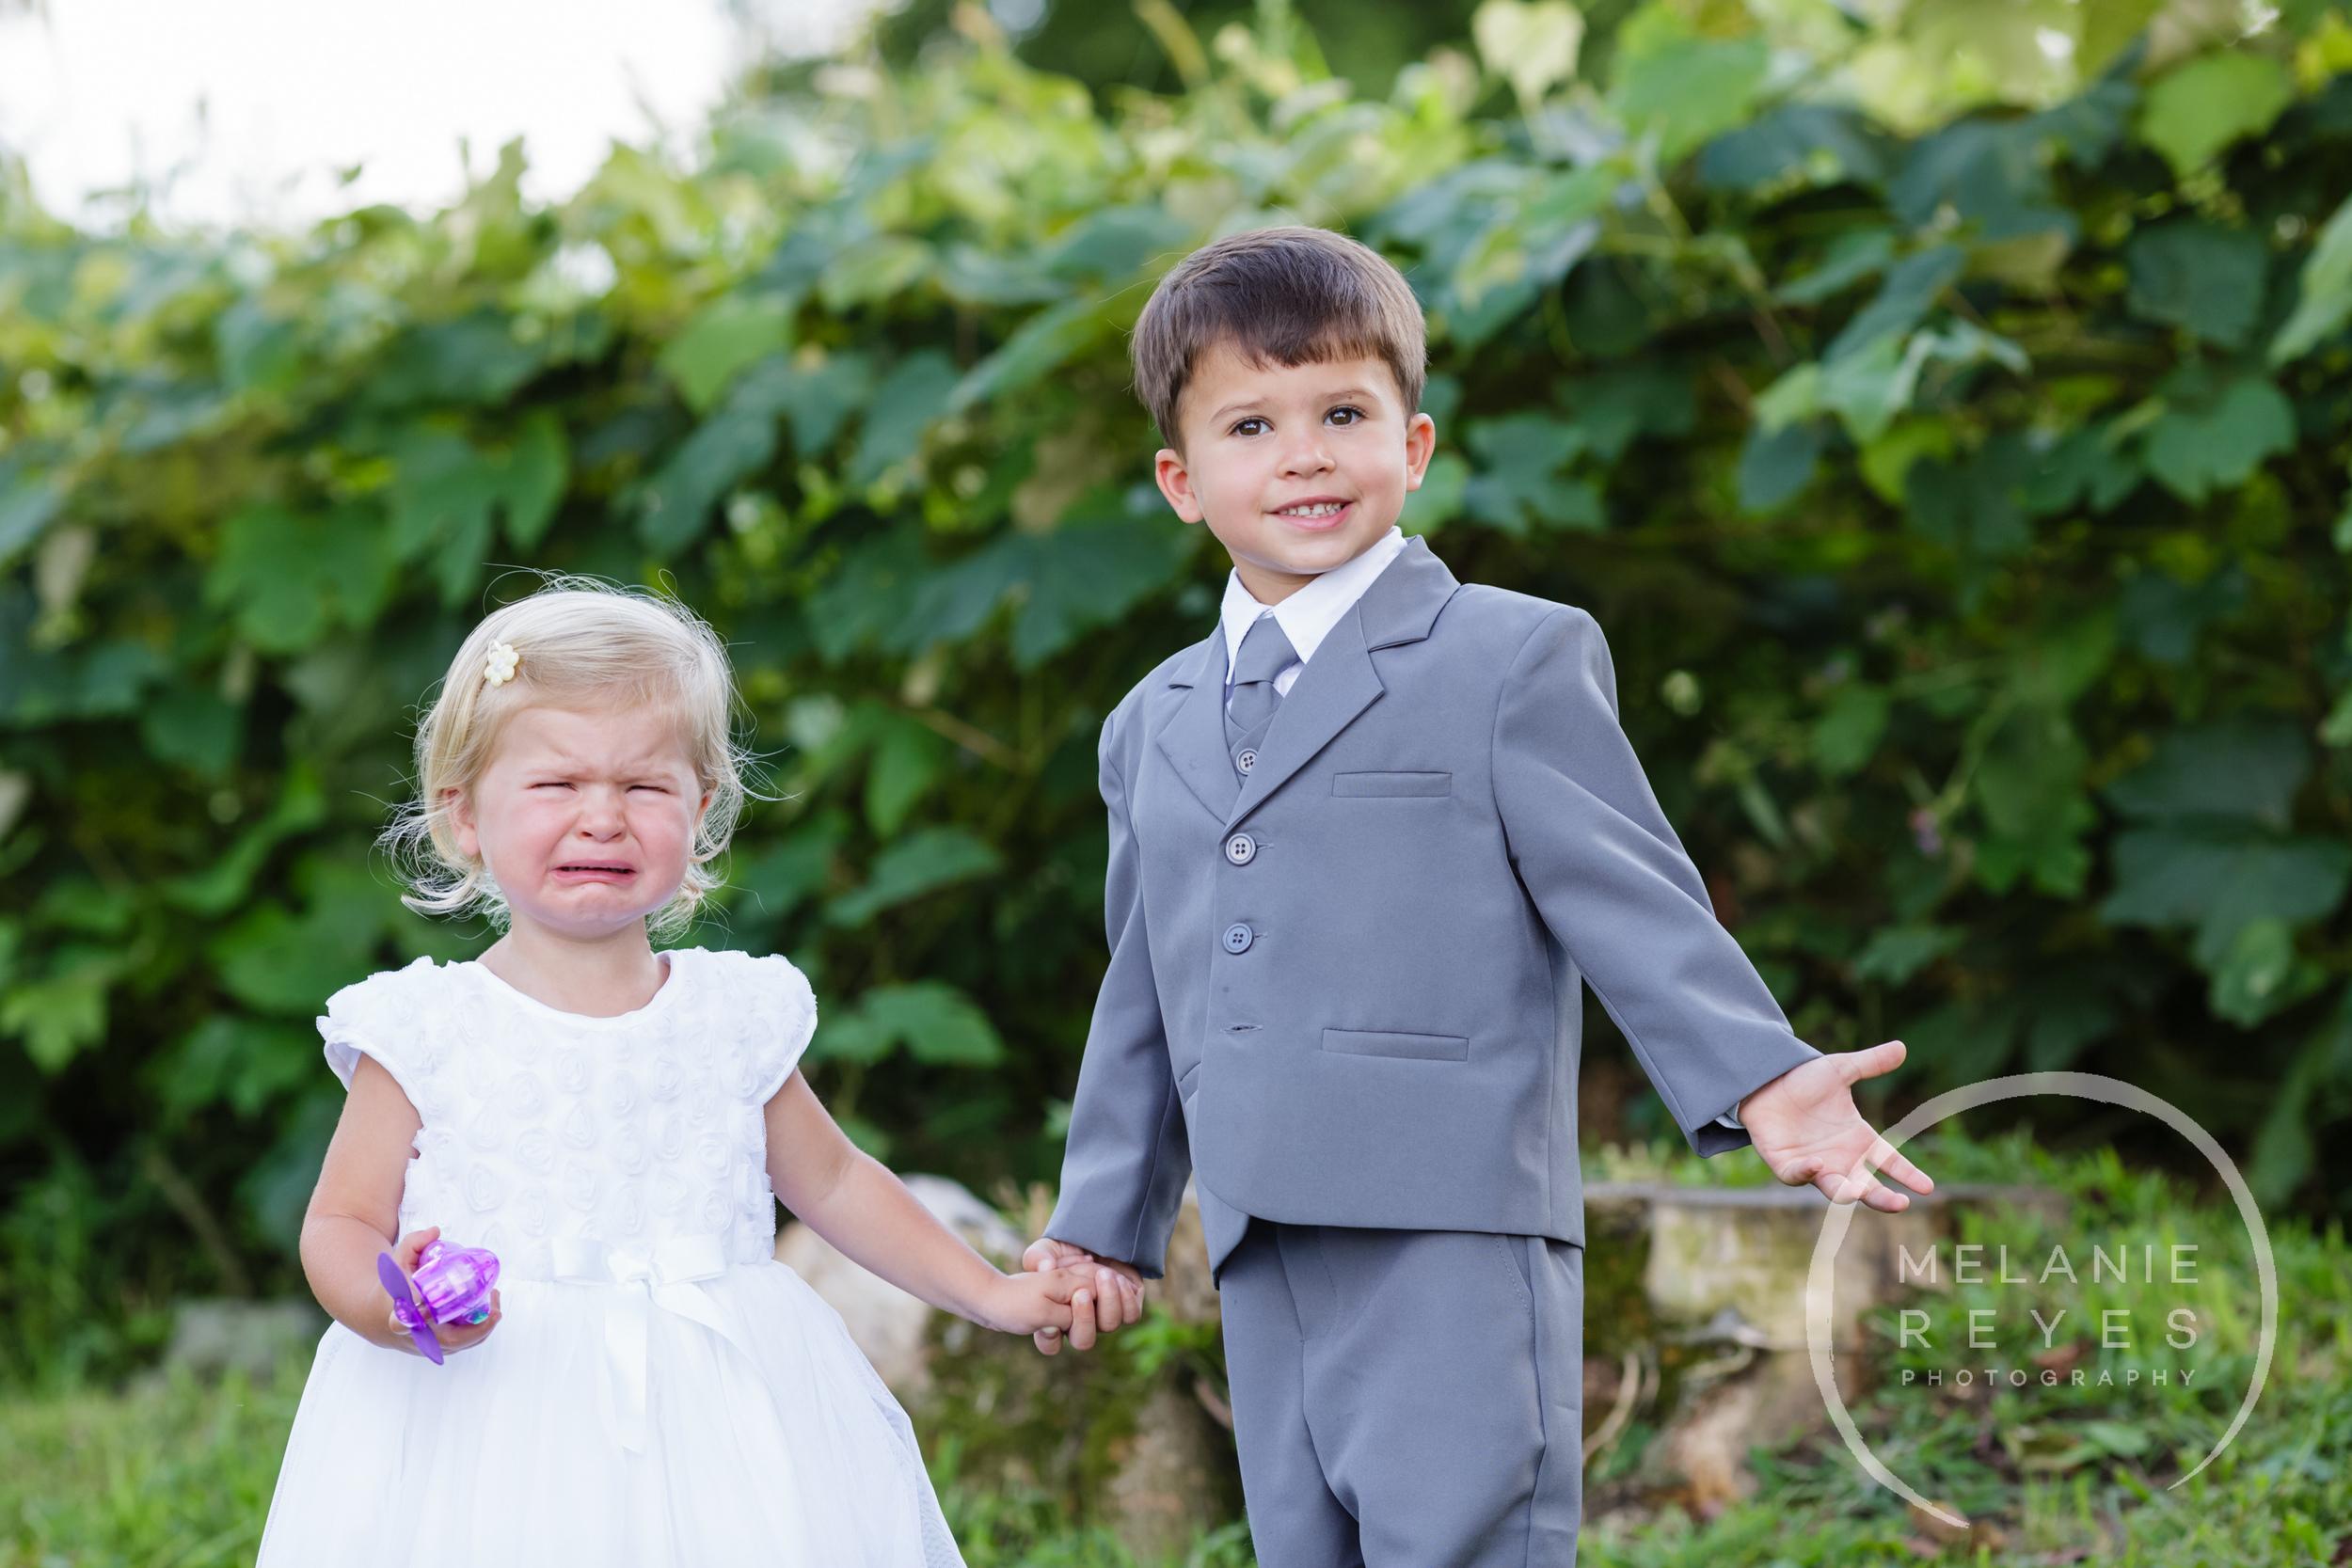 039_farm_wedding_melanie_reyes.JPG